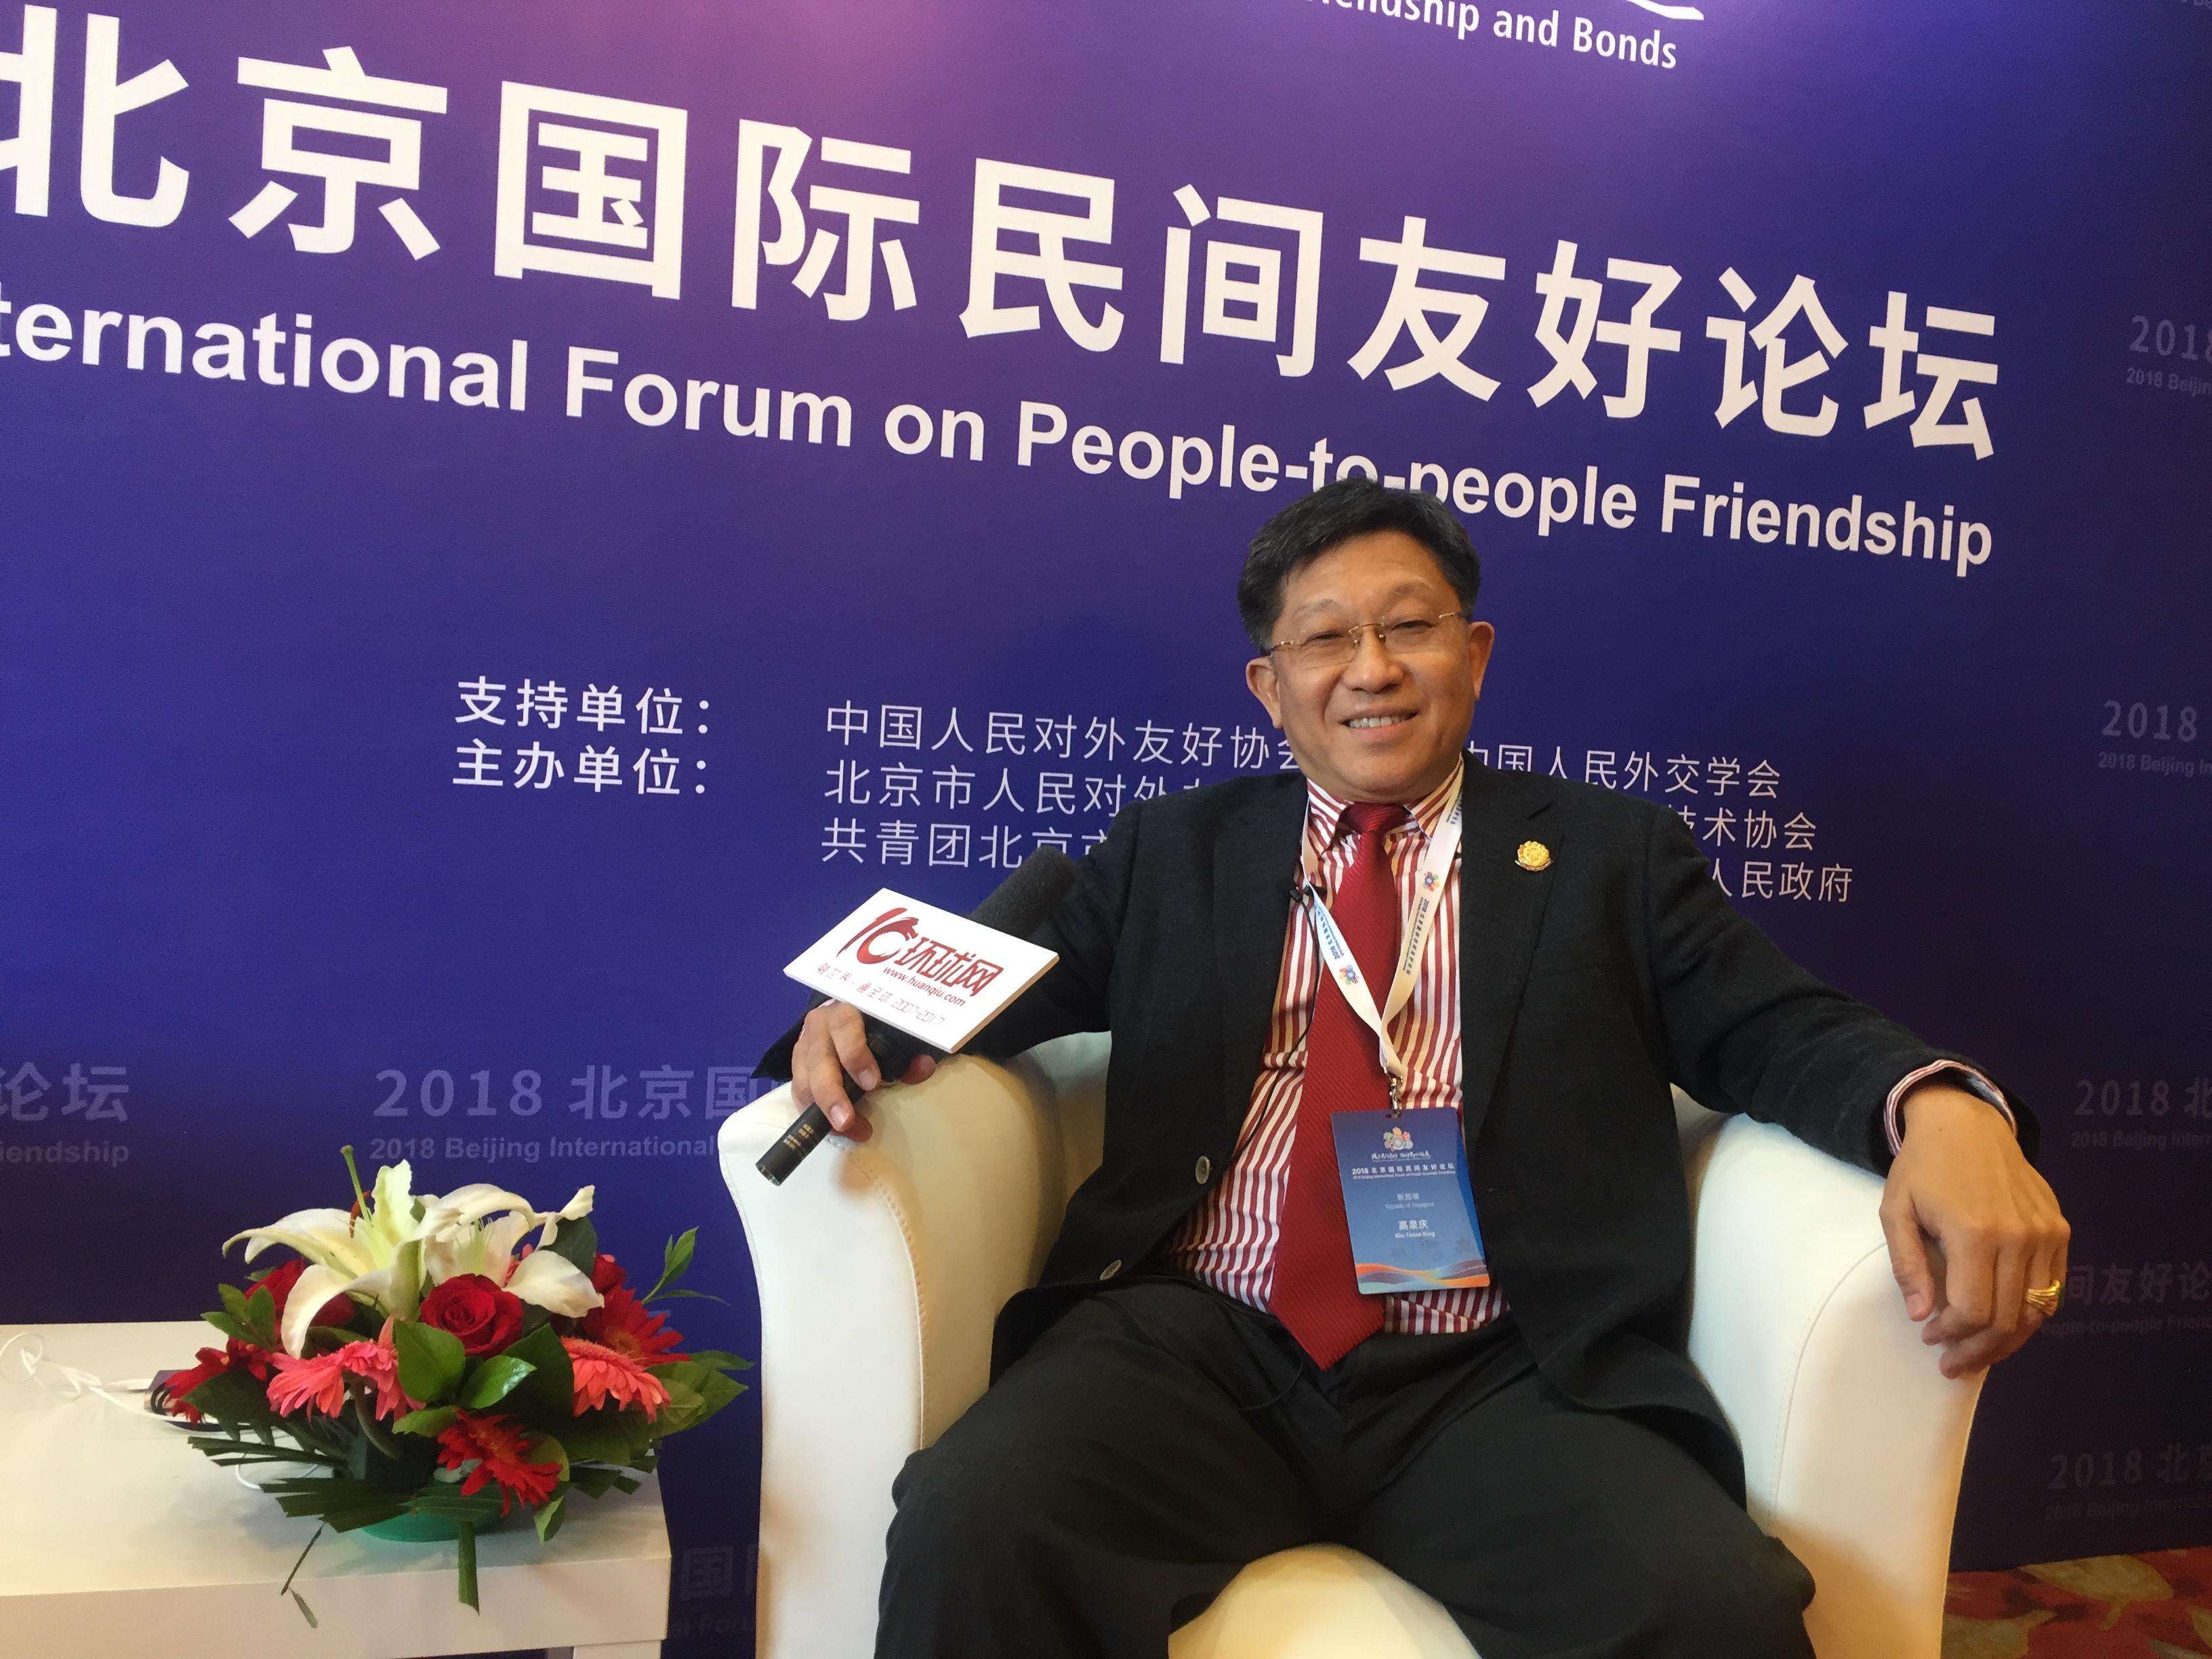 新加坡中国协会会长用夫妻关系比喻两国民间交流:有摩擦,但大方向是好的